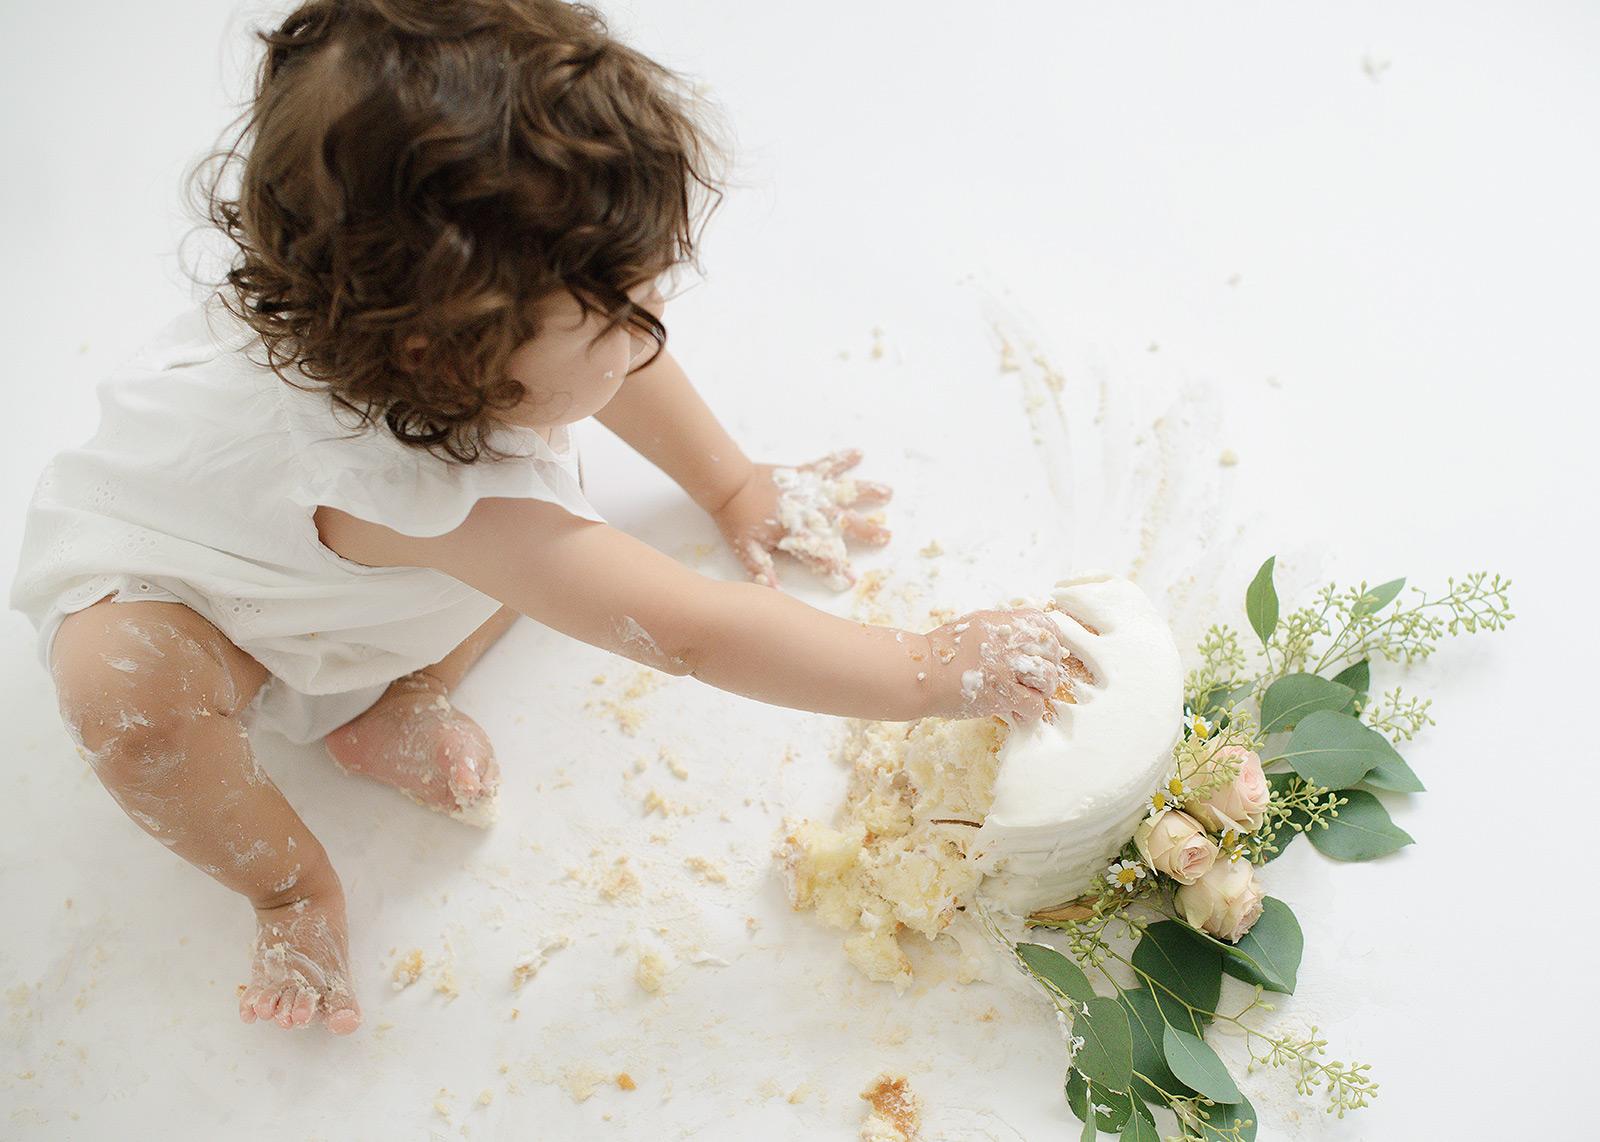 Baby Girl with Curl Hair Smashing Cake